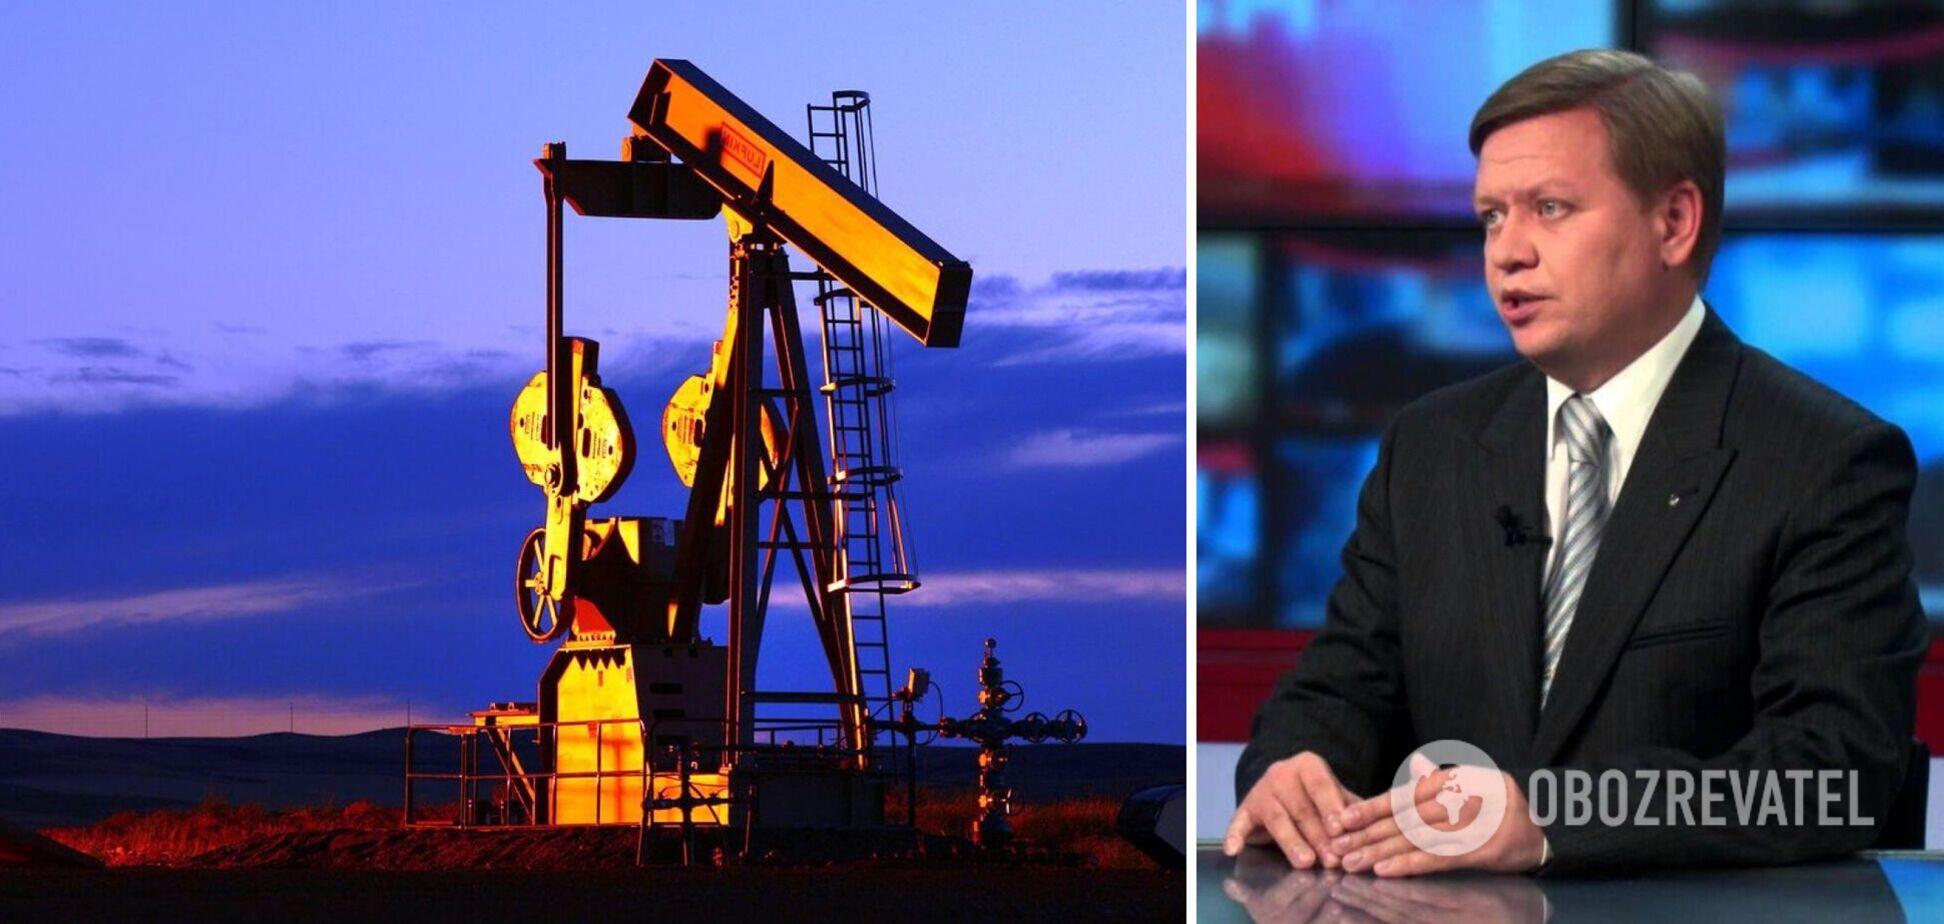 Українського газу вистачить на весь опалювальний сезон: чи можна не підвищувати ціни